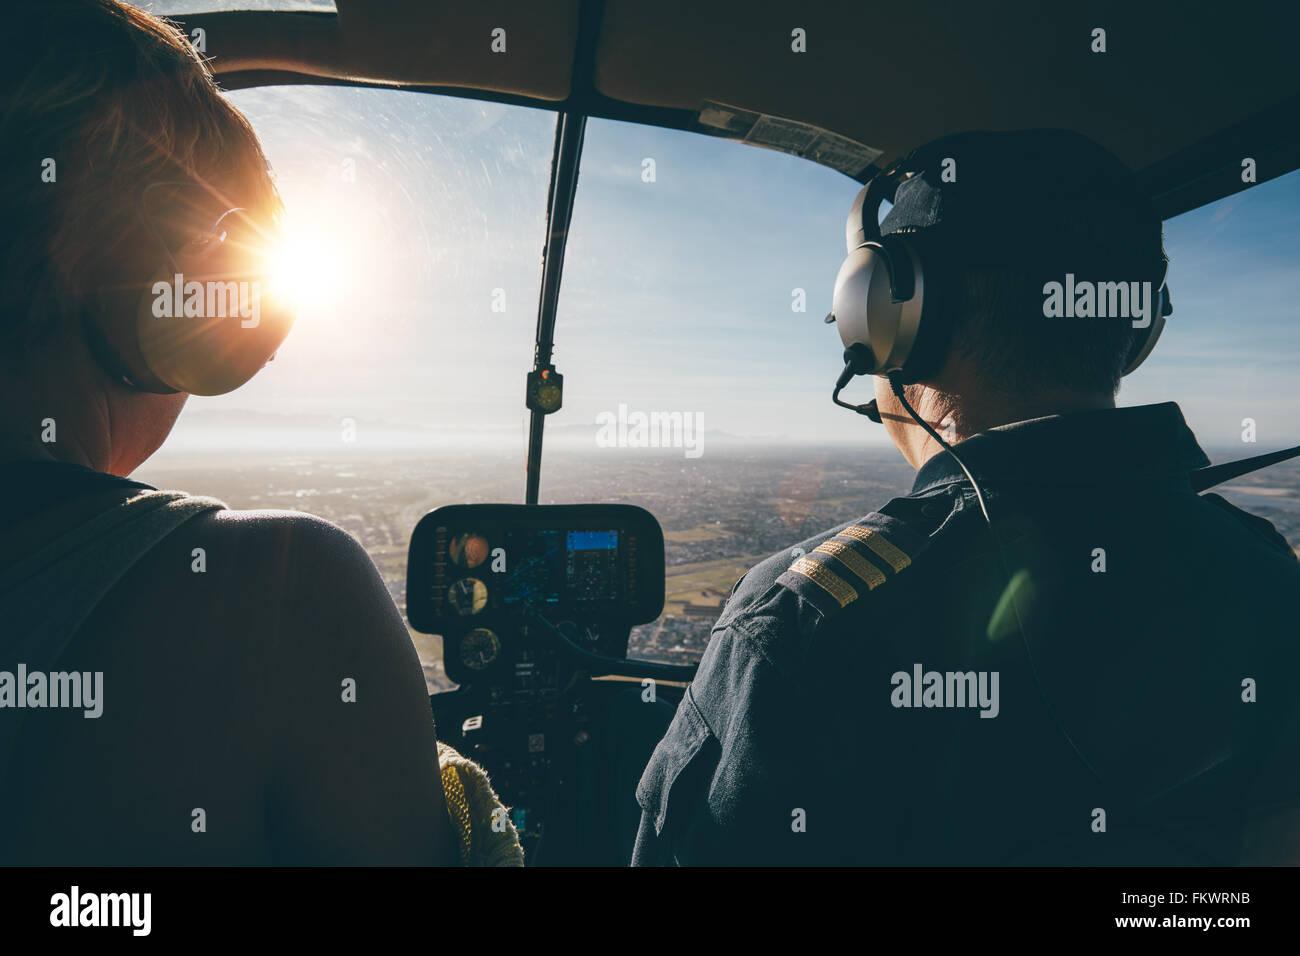 Dos pilotos de un helicóptero volando en un día soleado. Vista trasera foto de hombre y mujer pilotos Imagen De Stock